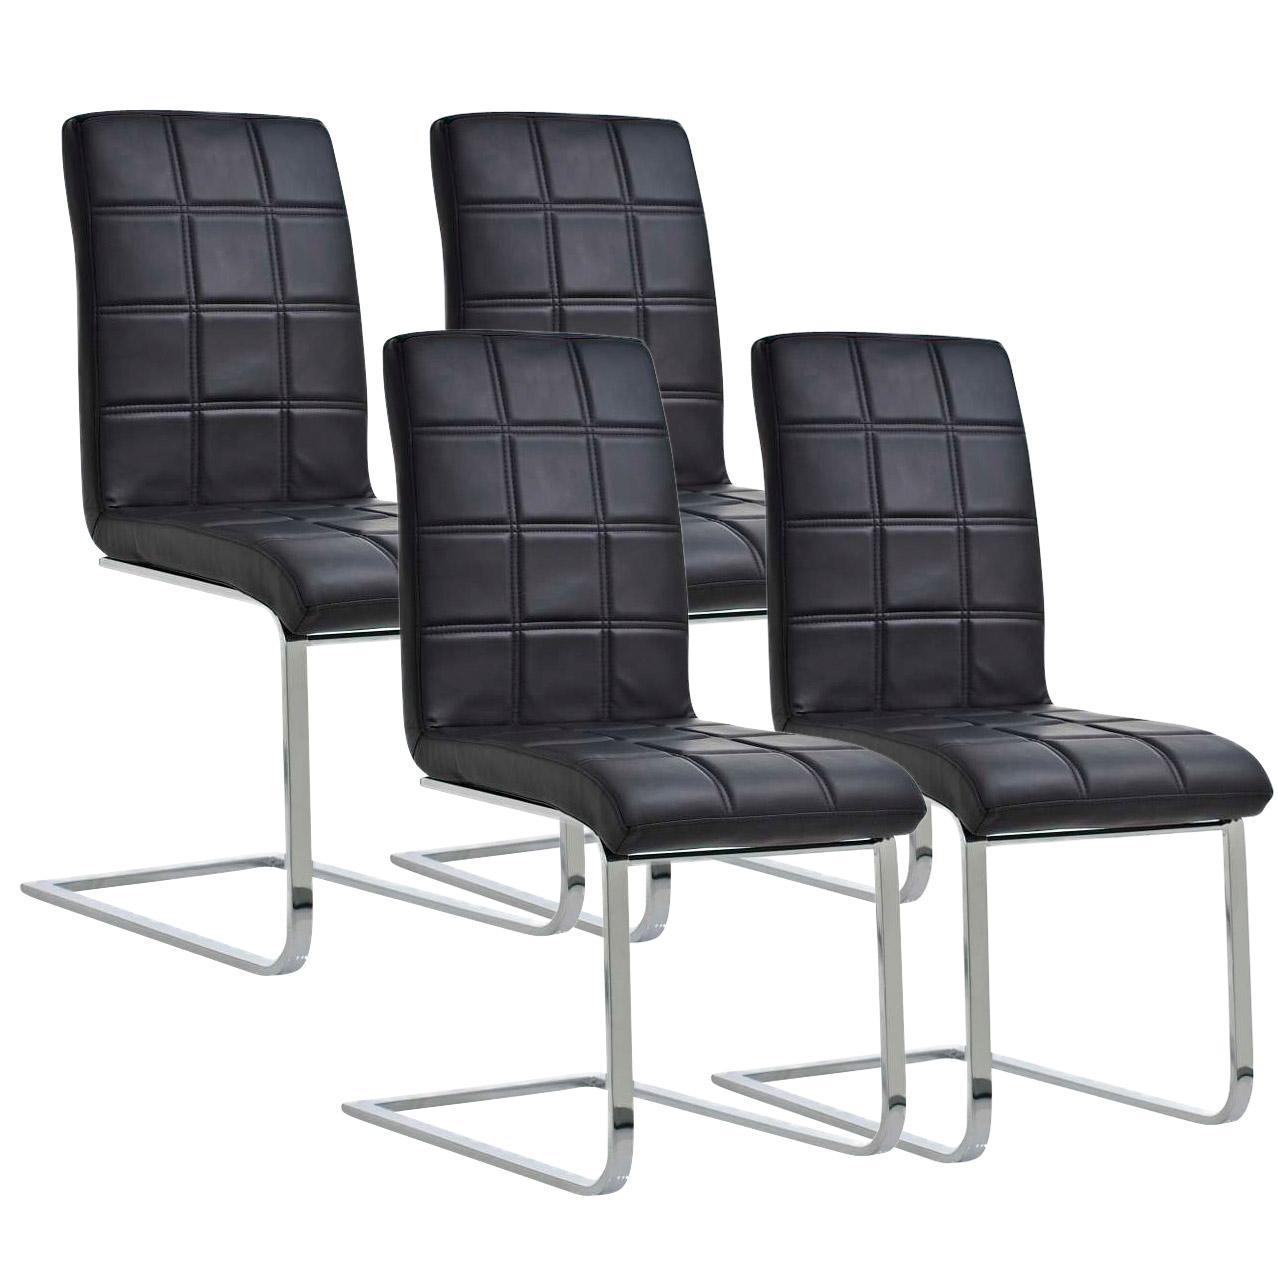 Lote 4 sillas de comedor o cocina bielsa dise o exclusivo for Sillas de piel para comedor